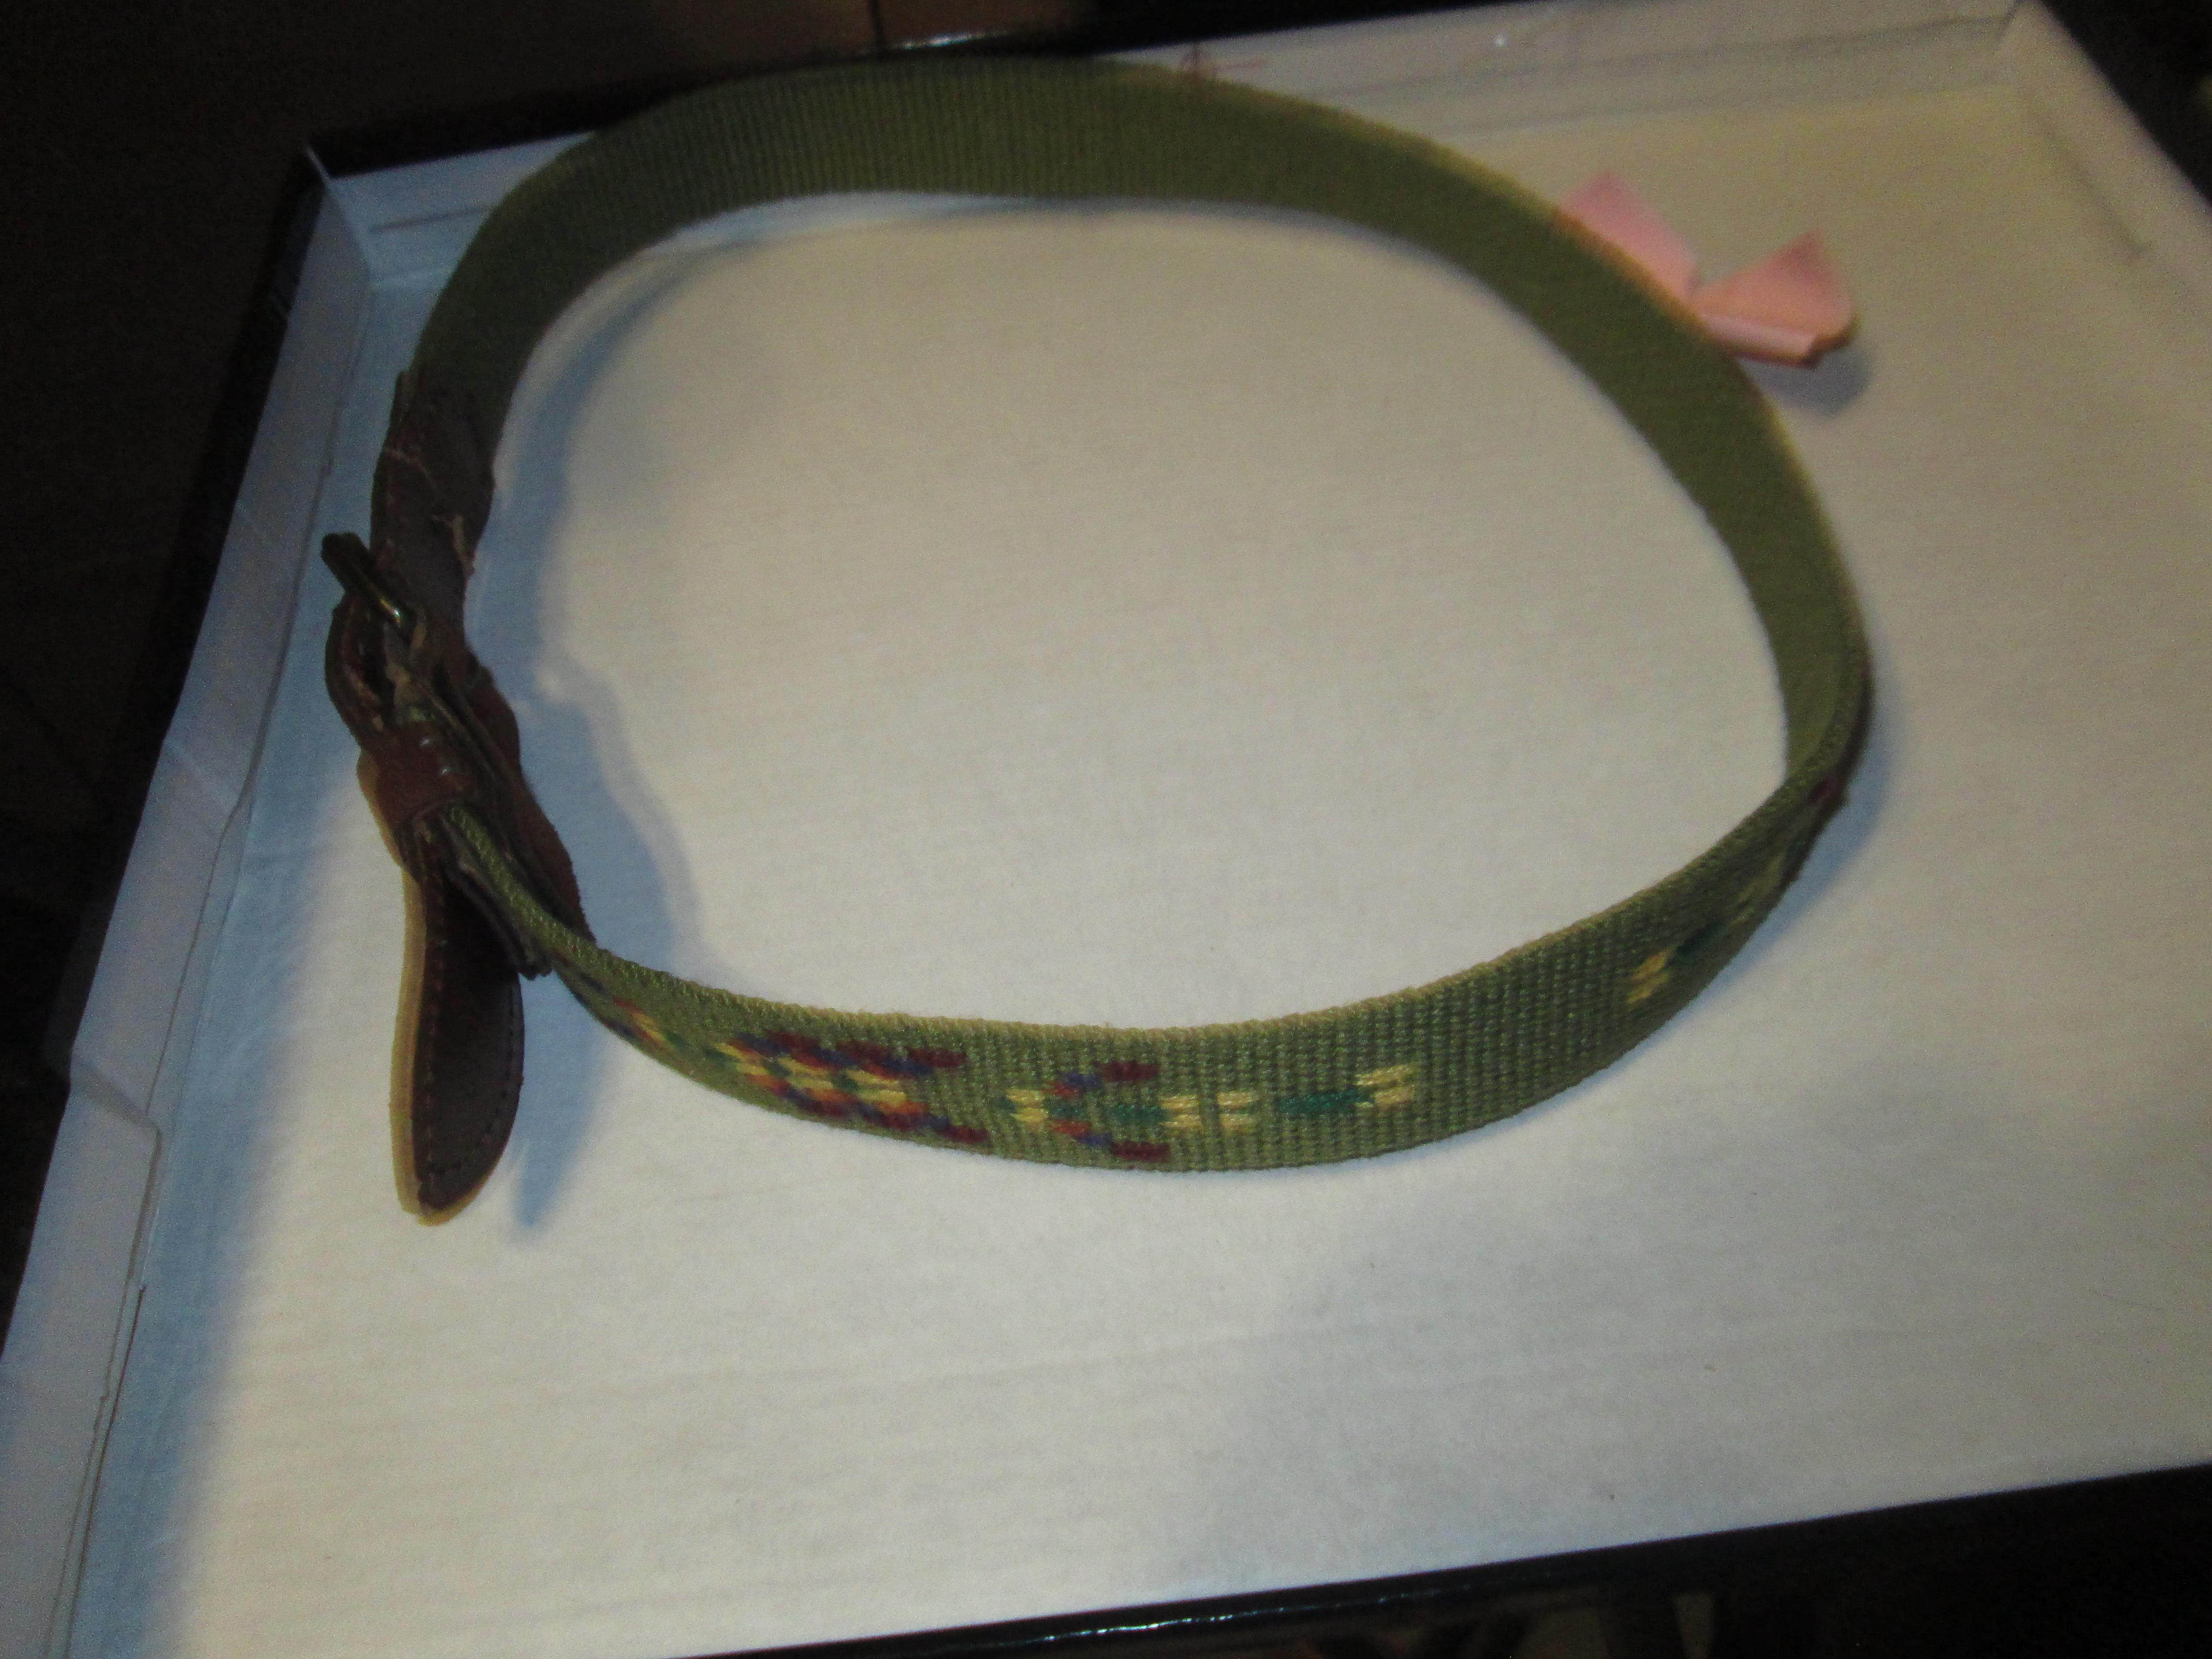 troc de troc ceinture enfant  5 à 10 ans 3 noisettes image 0